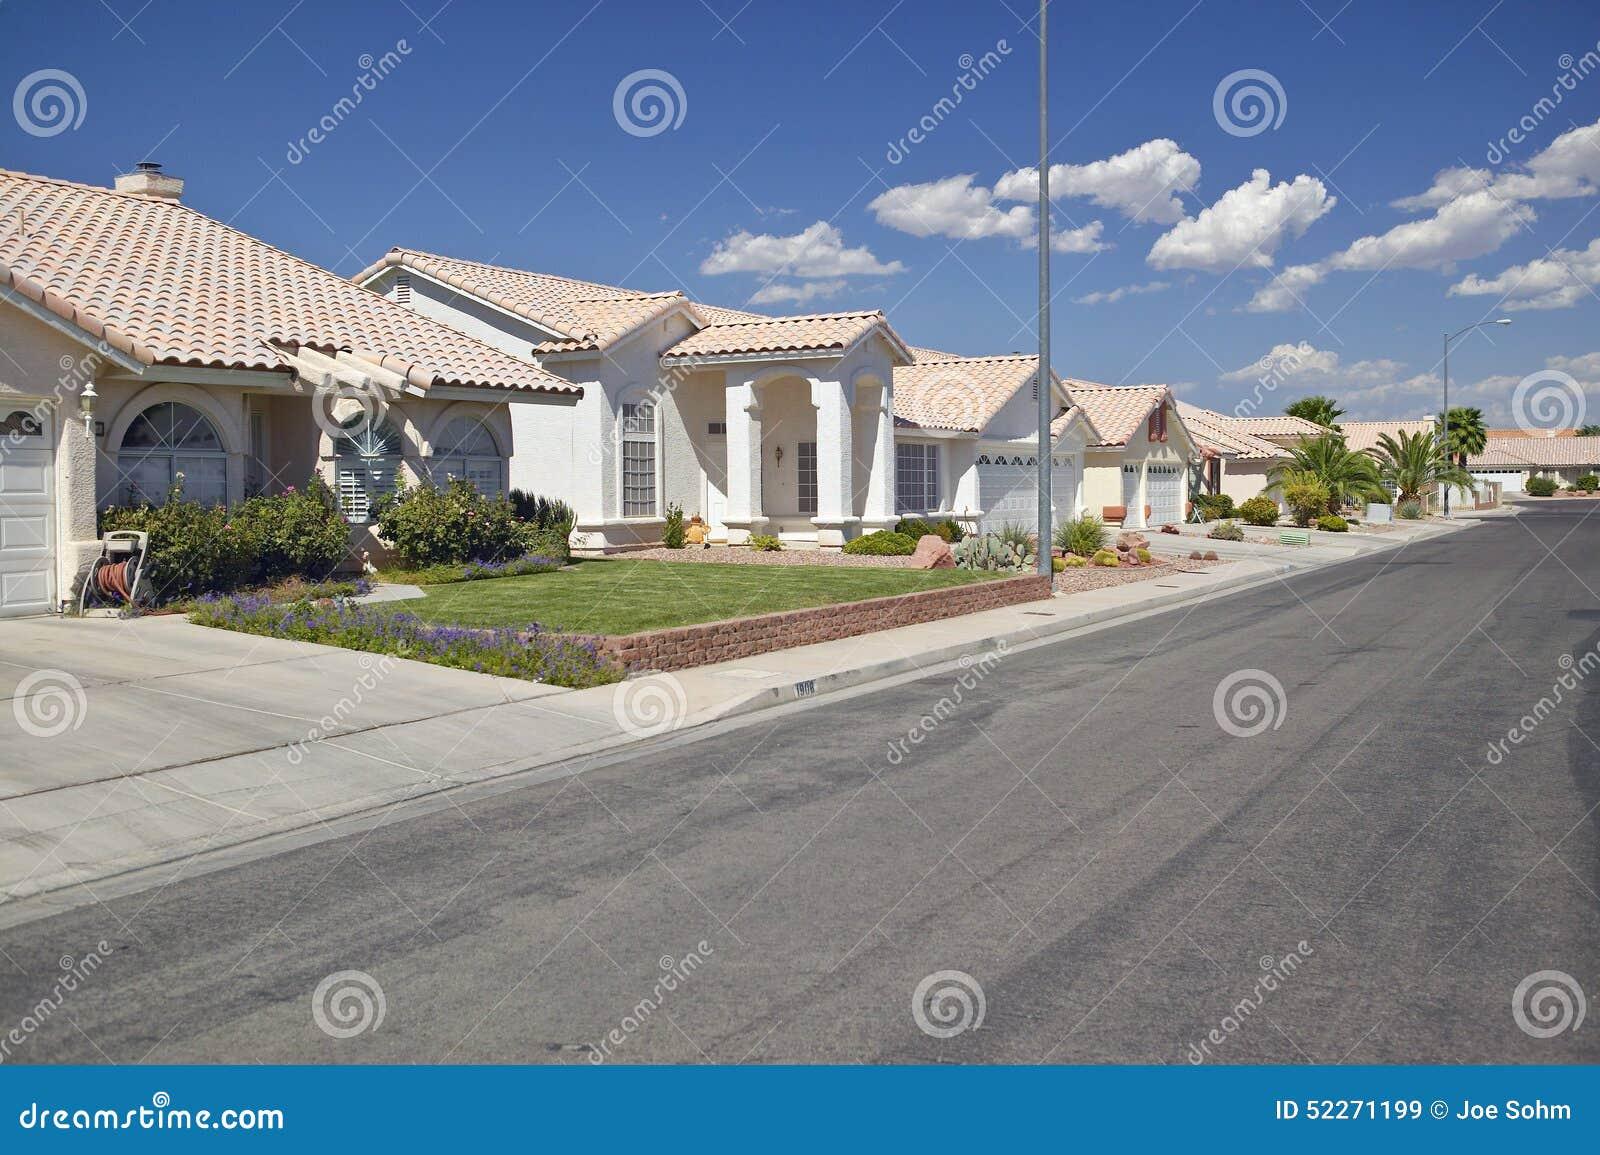 Abbandoni la costruzione di nuove case in clark county for Nuove planimetrie per la costruzione di case